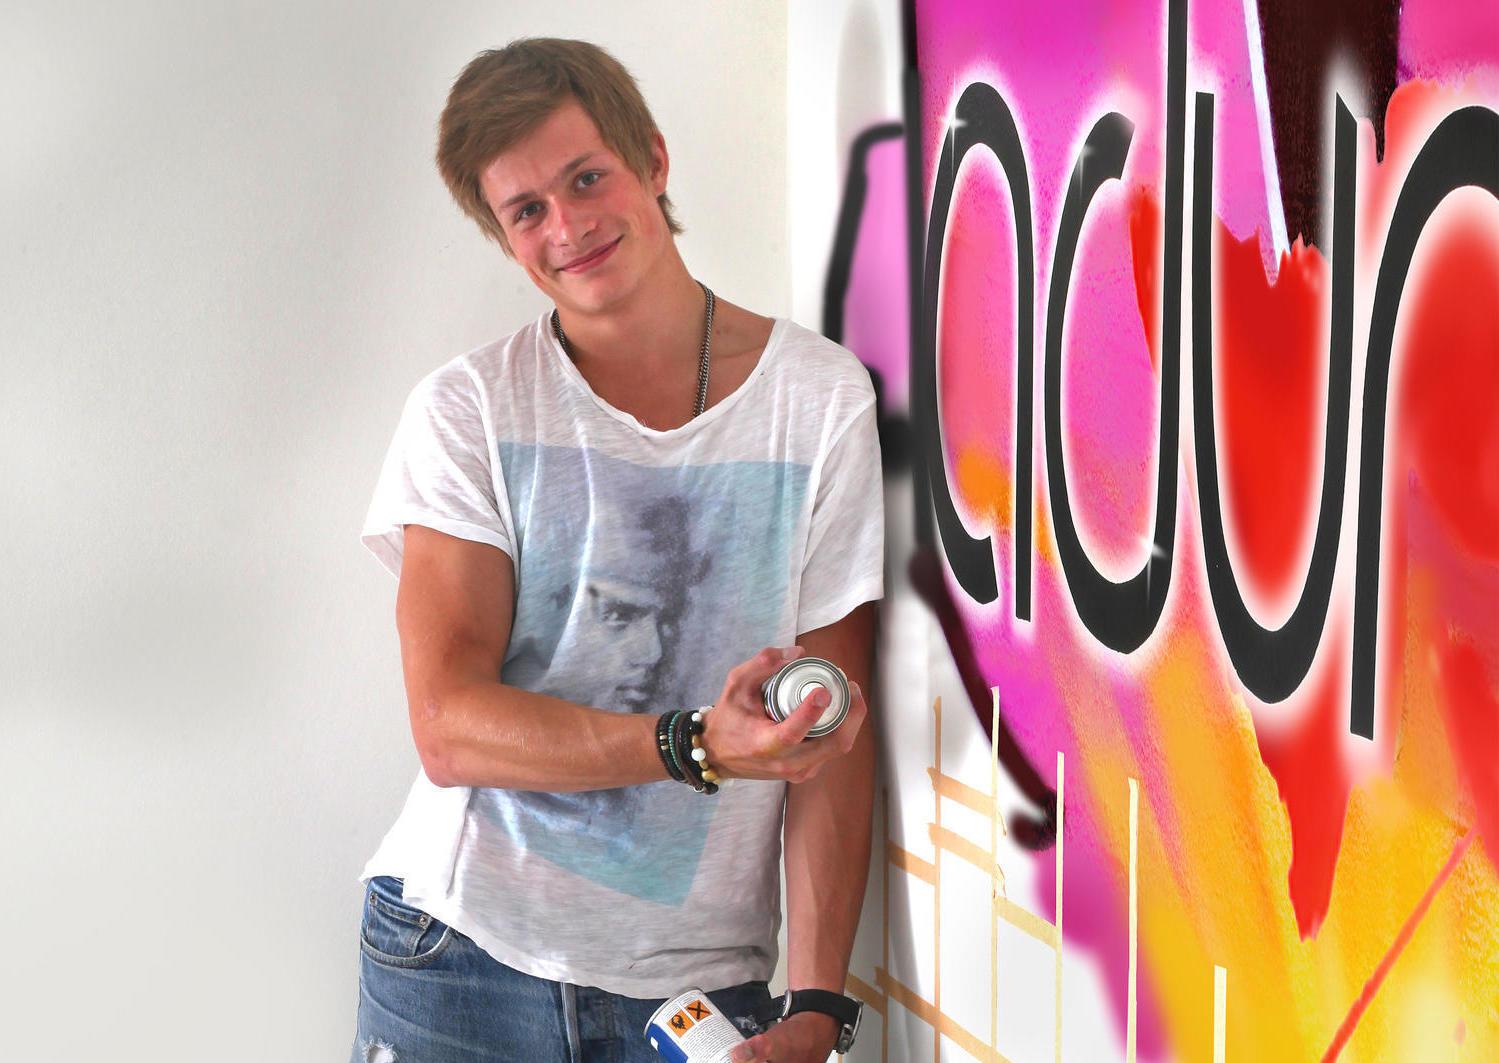 victor sprayfärg graffiti bandnamn